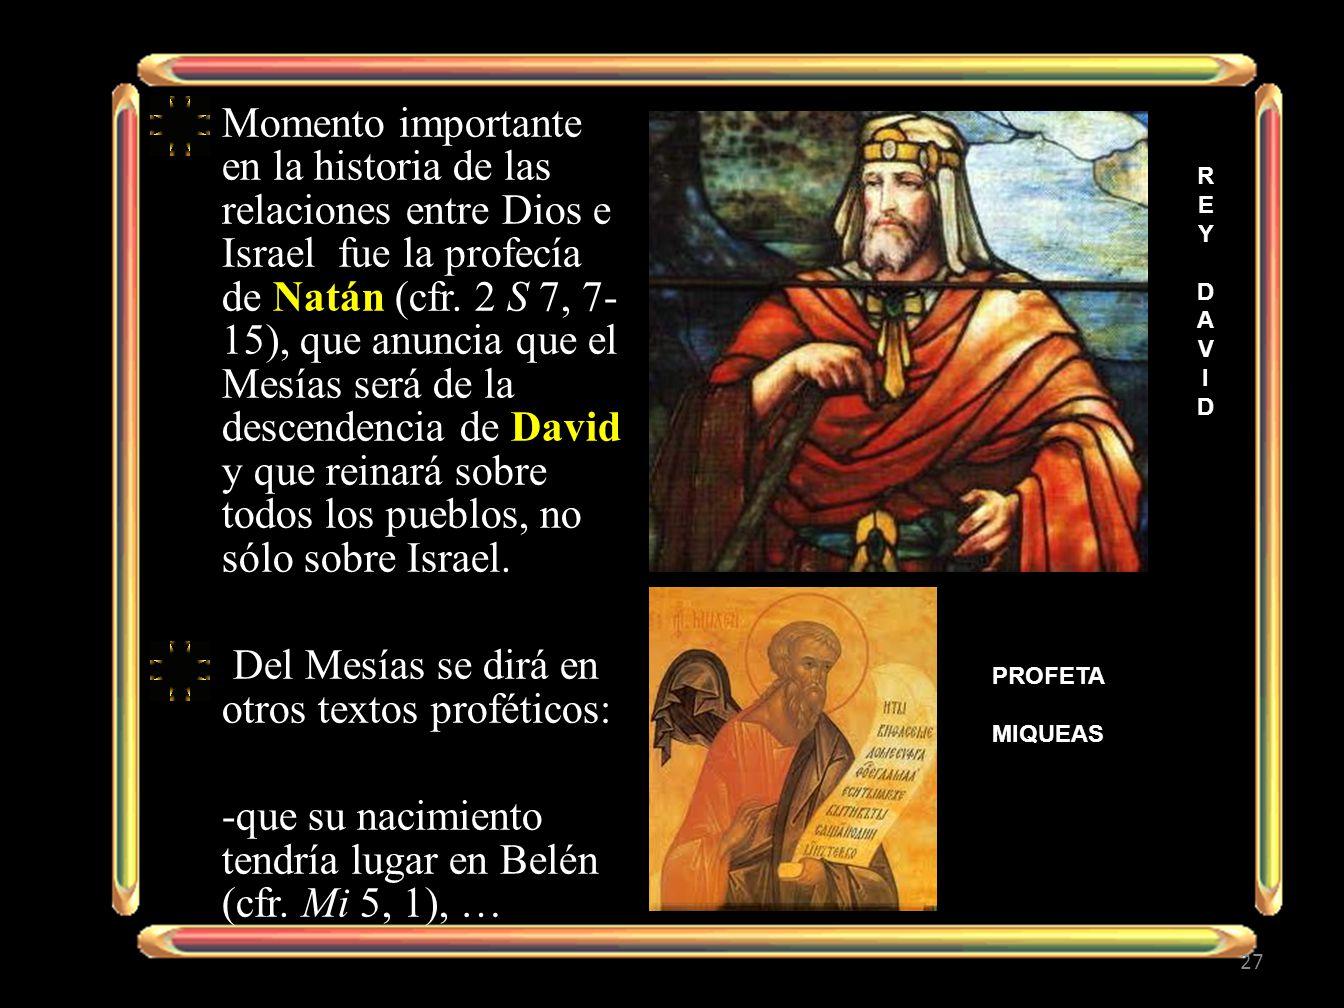 Del Mesías se dirá en otros textos proféticos: